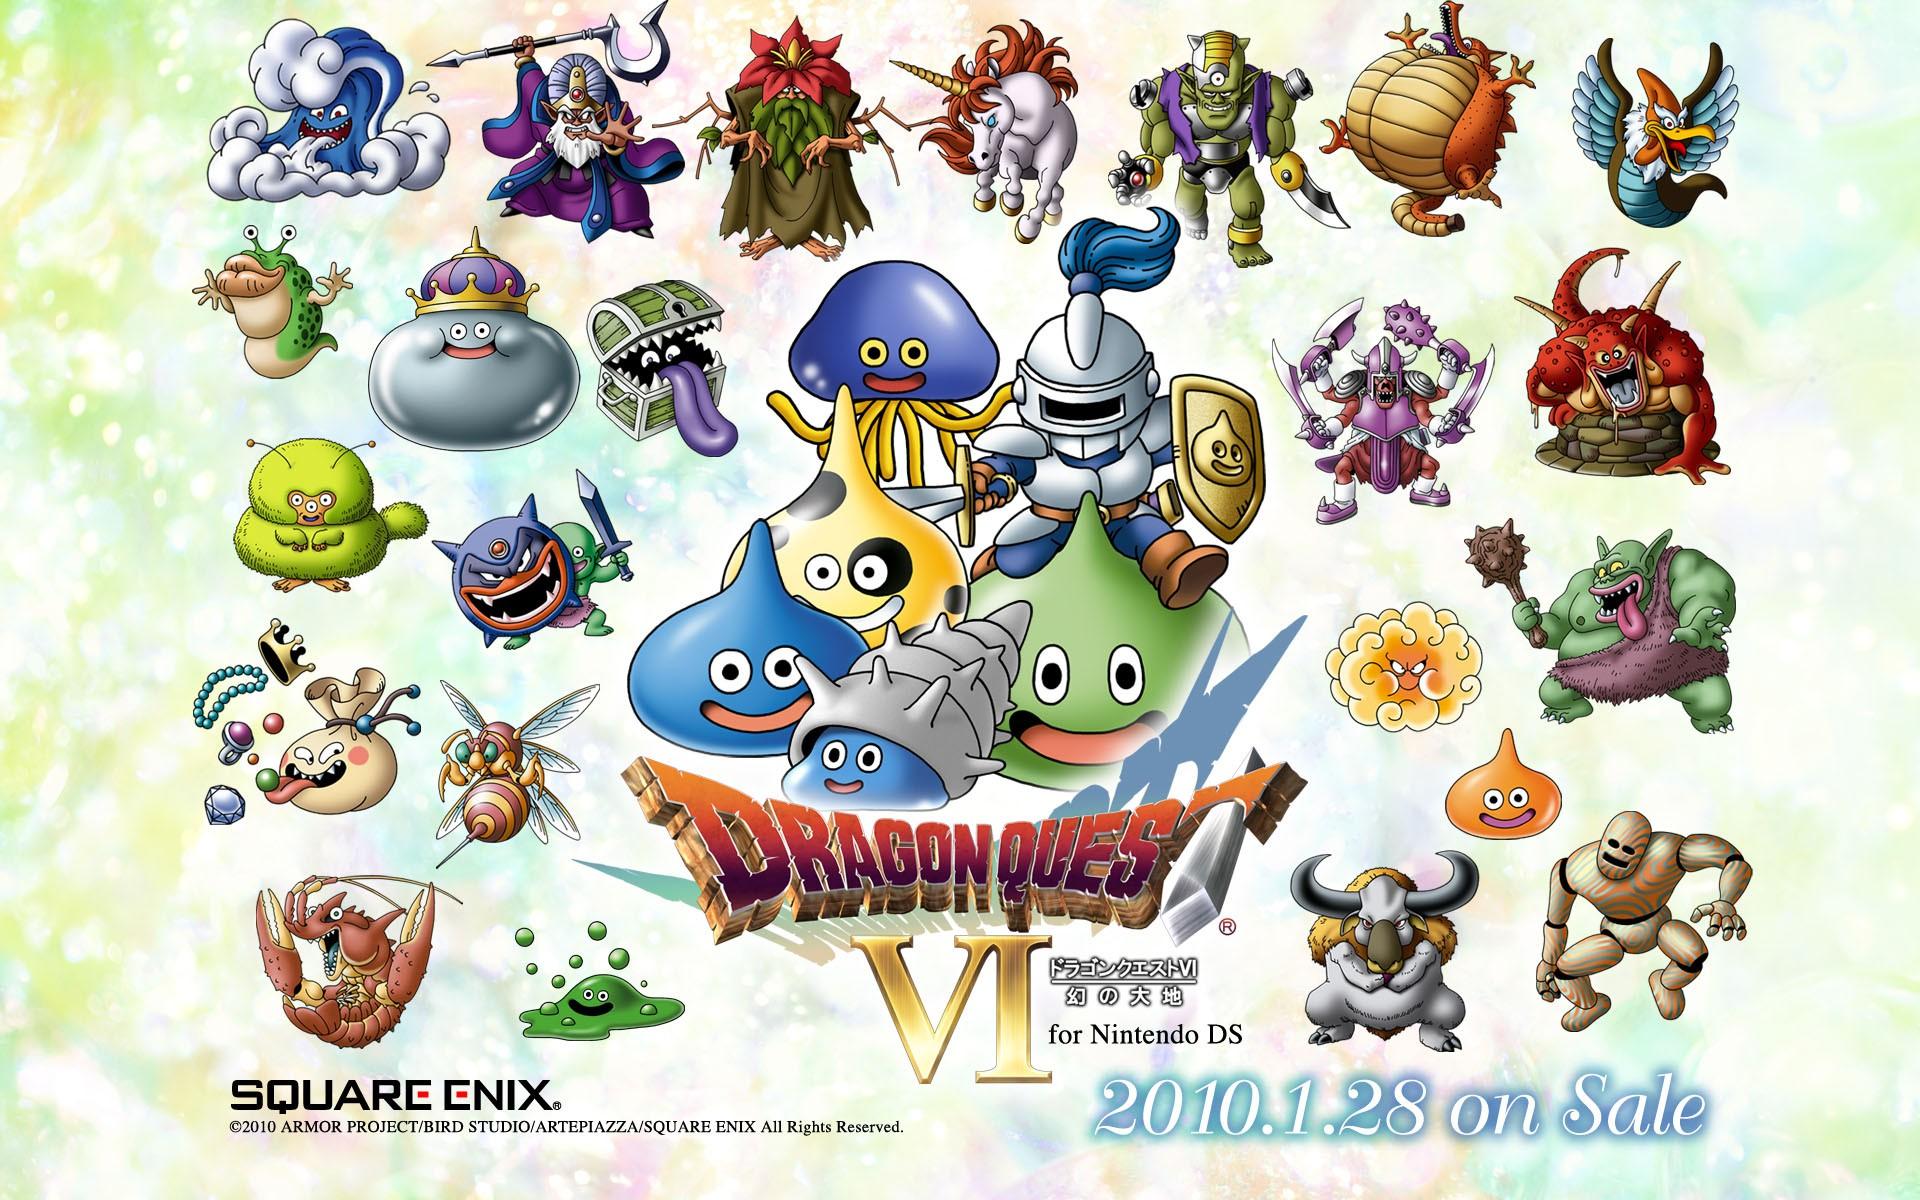 Dragon Quest Xi Wallpaper: 33 Dragon Quest HD Wallpapers